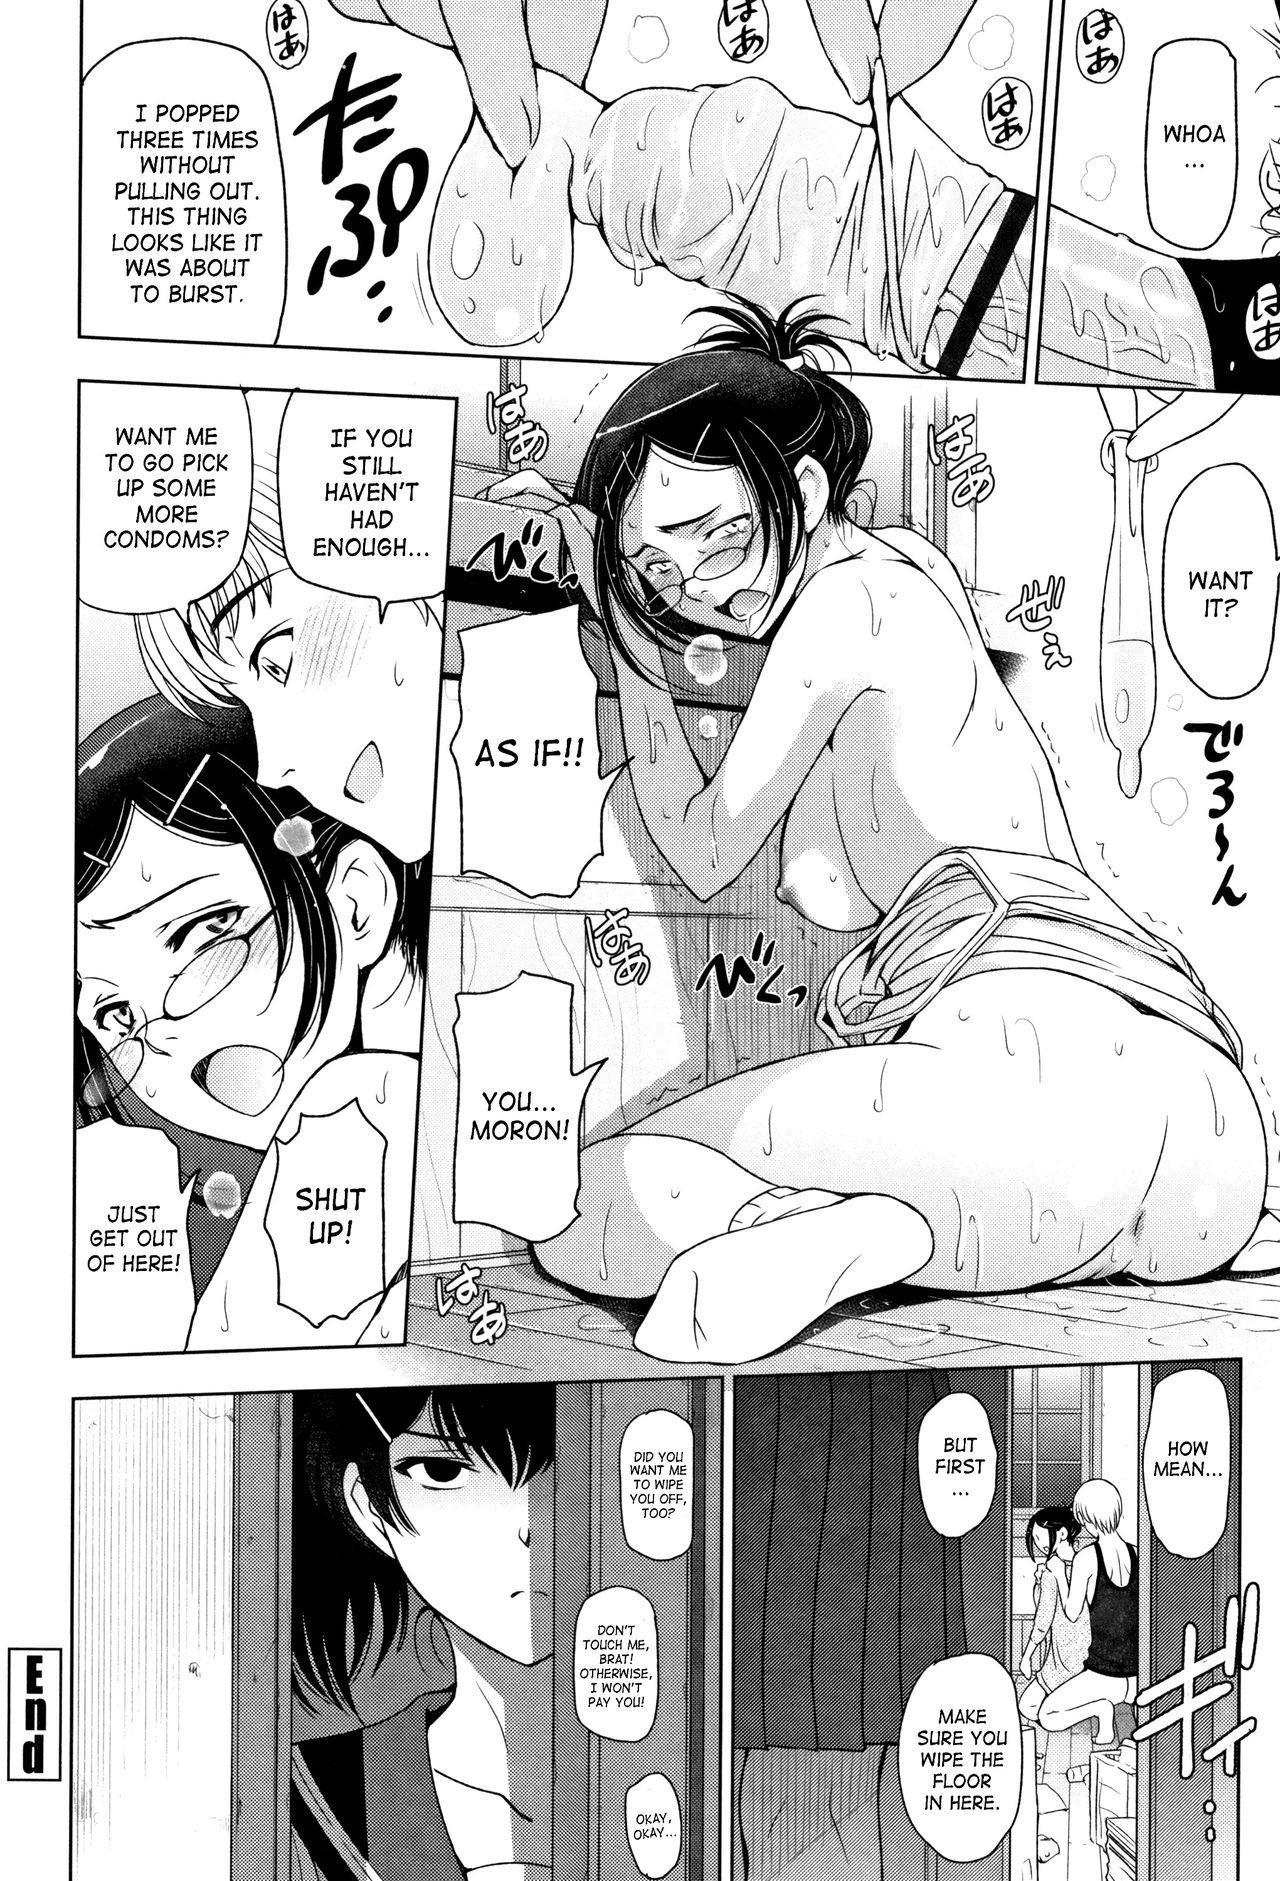 [Sena Youtarou] Natsu-jiru ~Ase ni Mamirete Gucchagucha~ Ch. 2-10 [English] [SaHa + Team Koinaka] 43